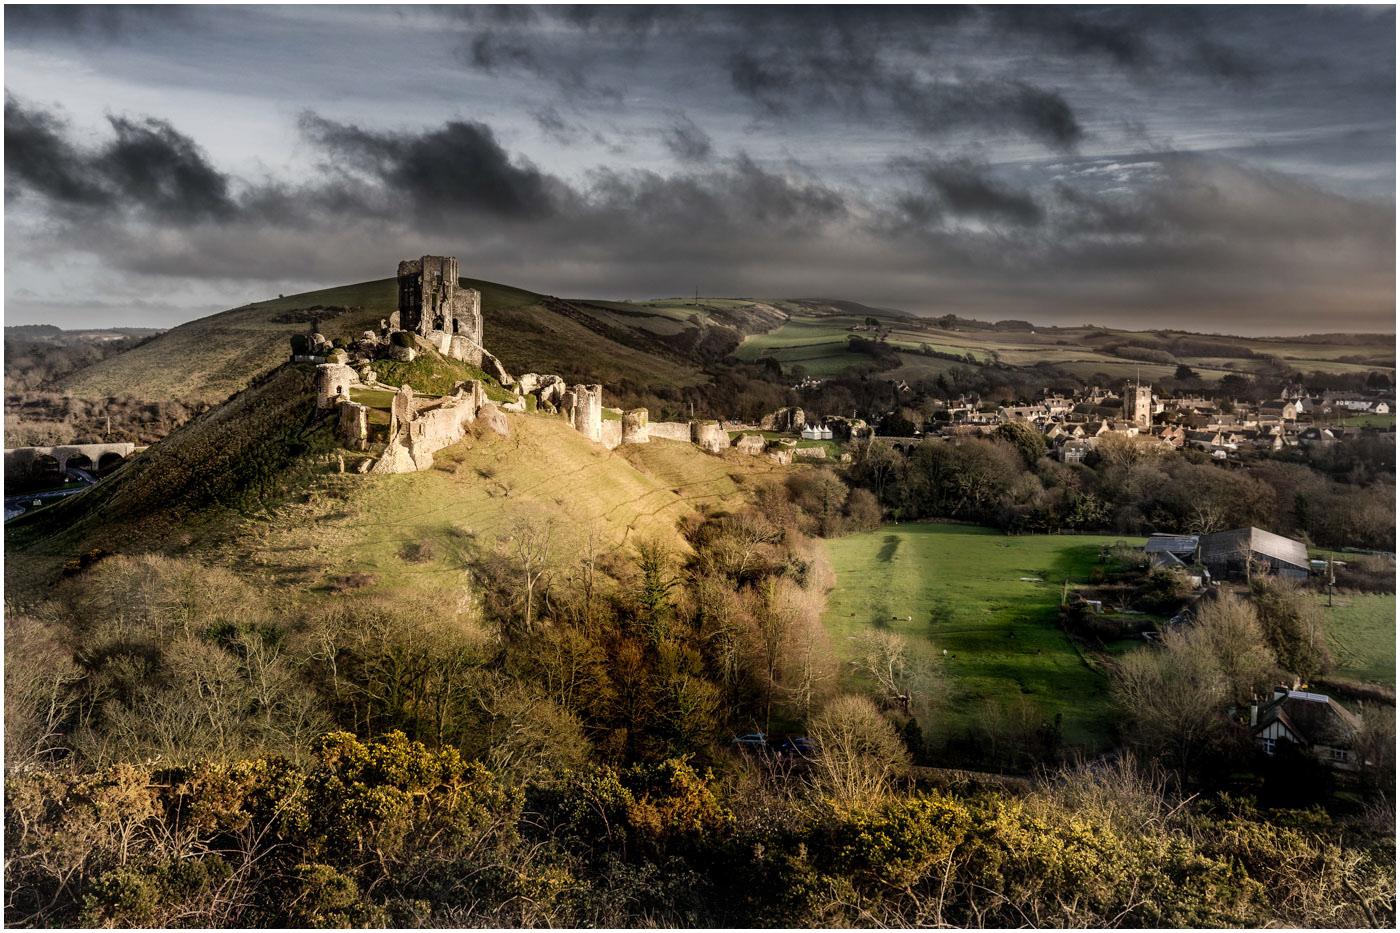 'Corfe Castle' by John Barton